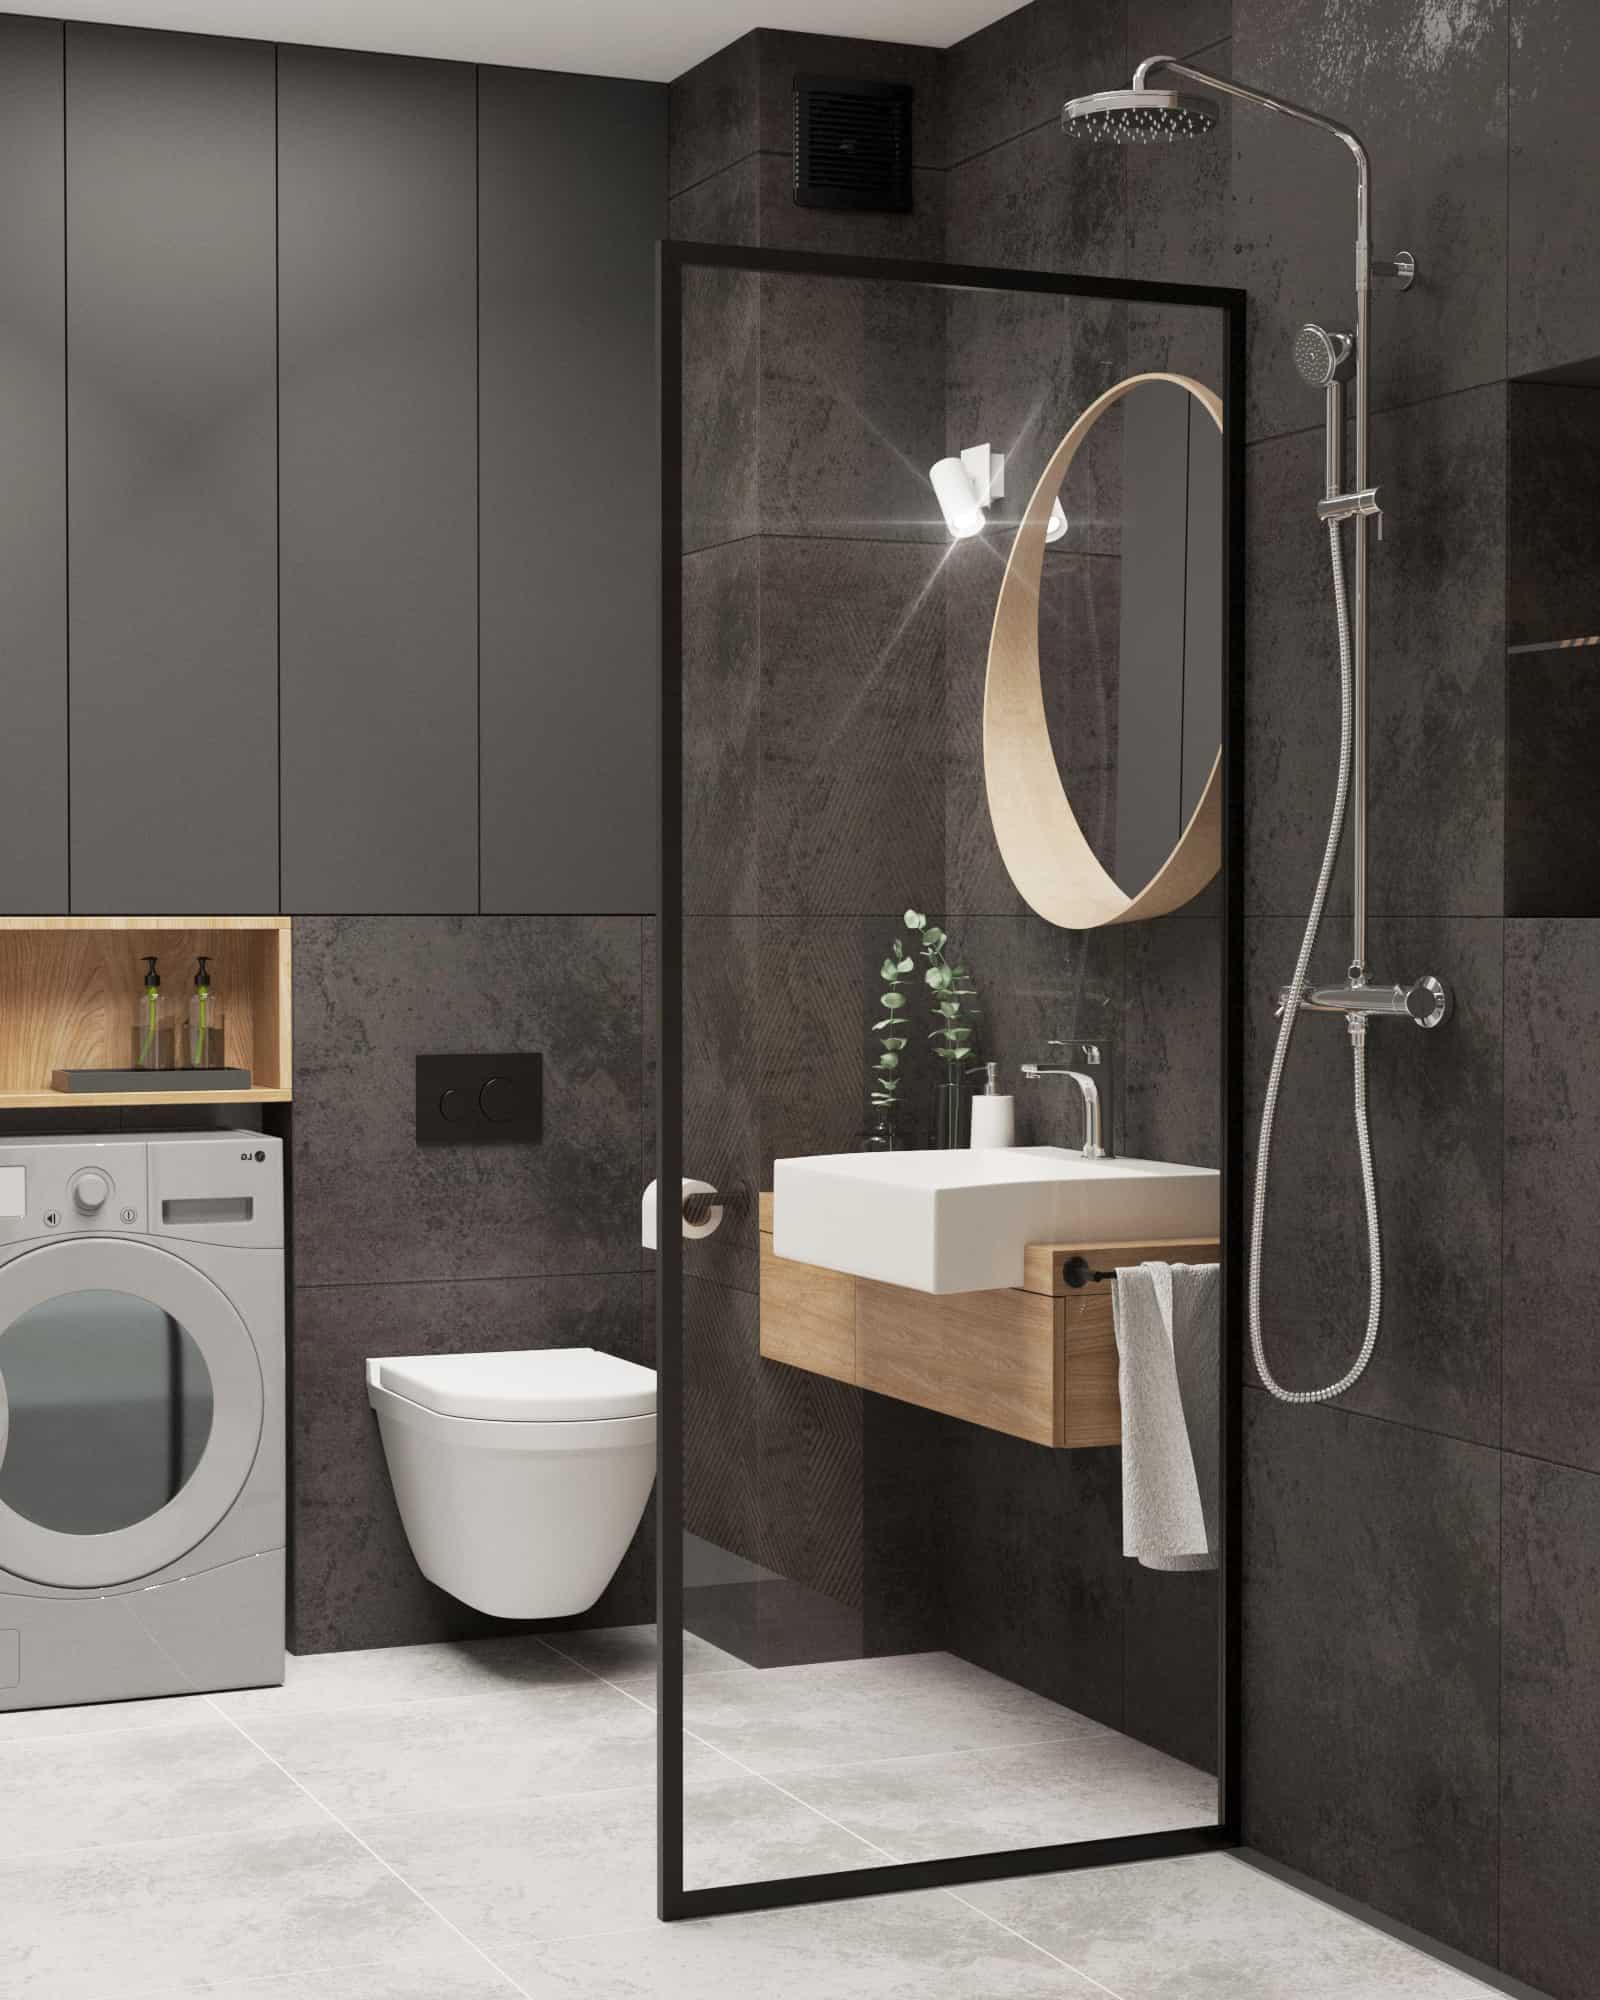 łazienka z prysznicem walk in